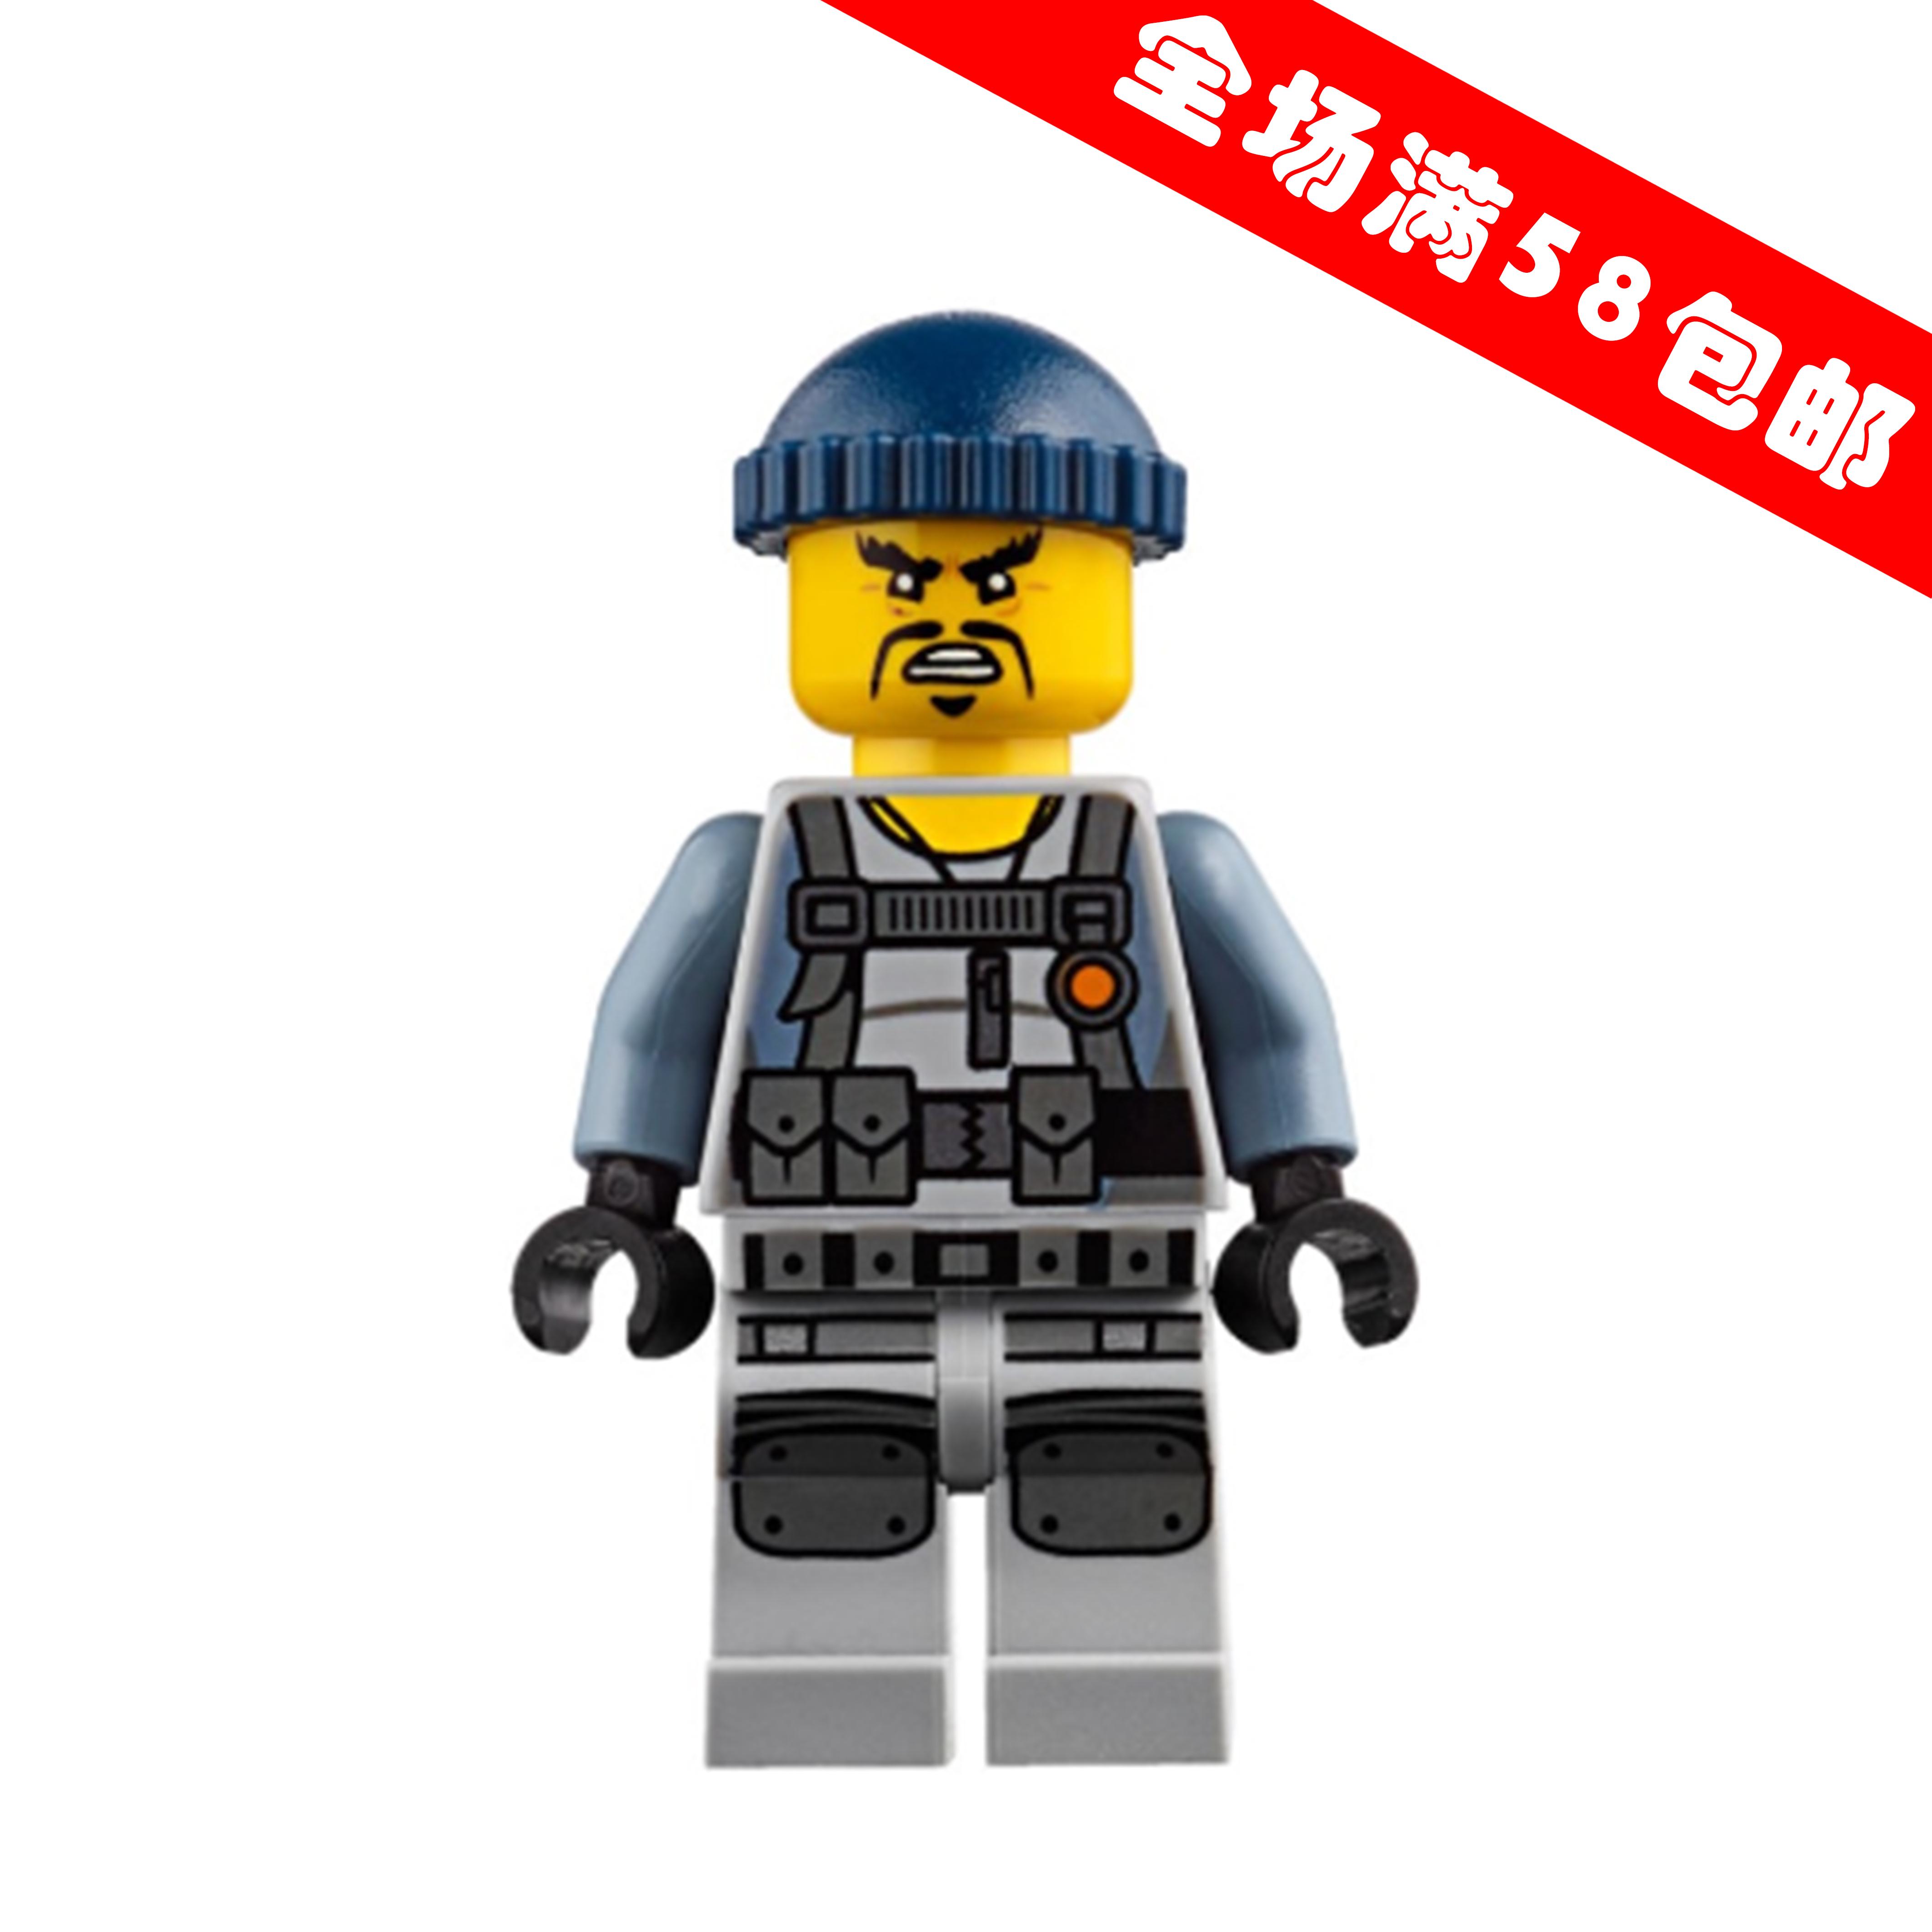 乐高LEGO正品人仔 幻影忍者 螃蟹兵小兵 njo379(含武器)满30.00元可用1元优惠券